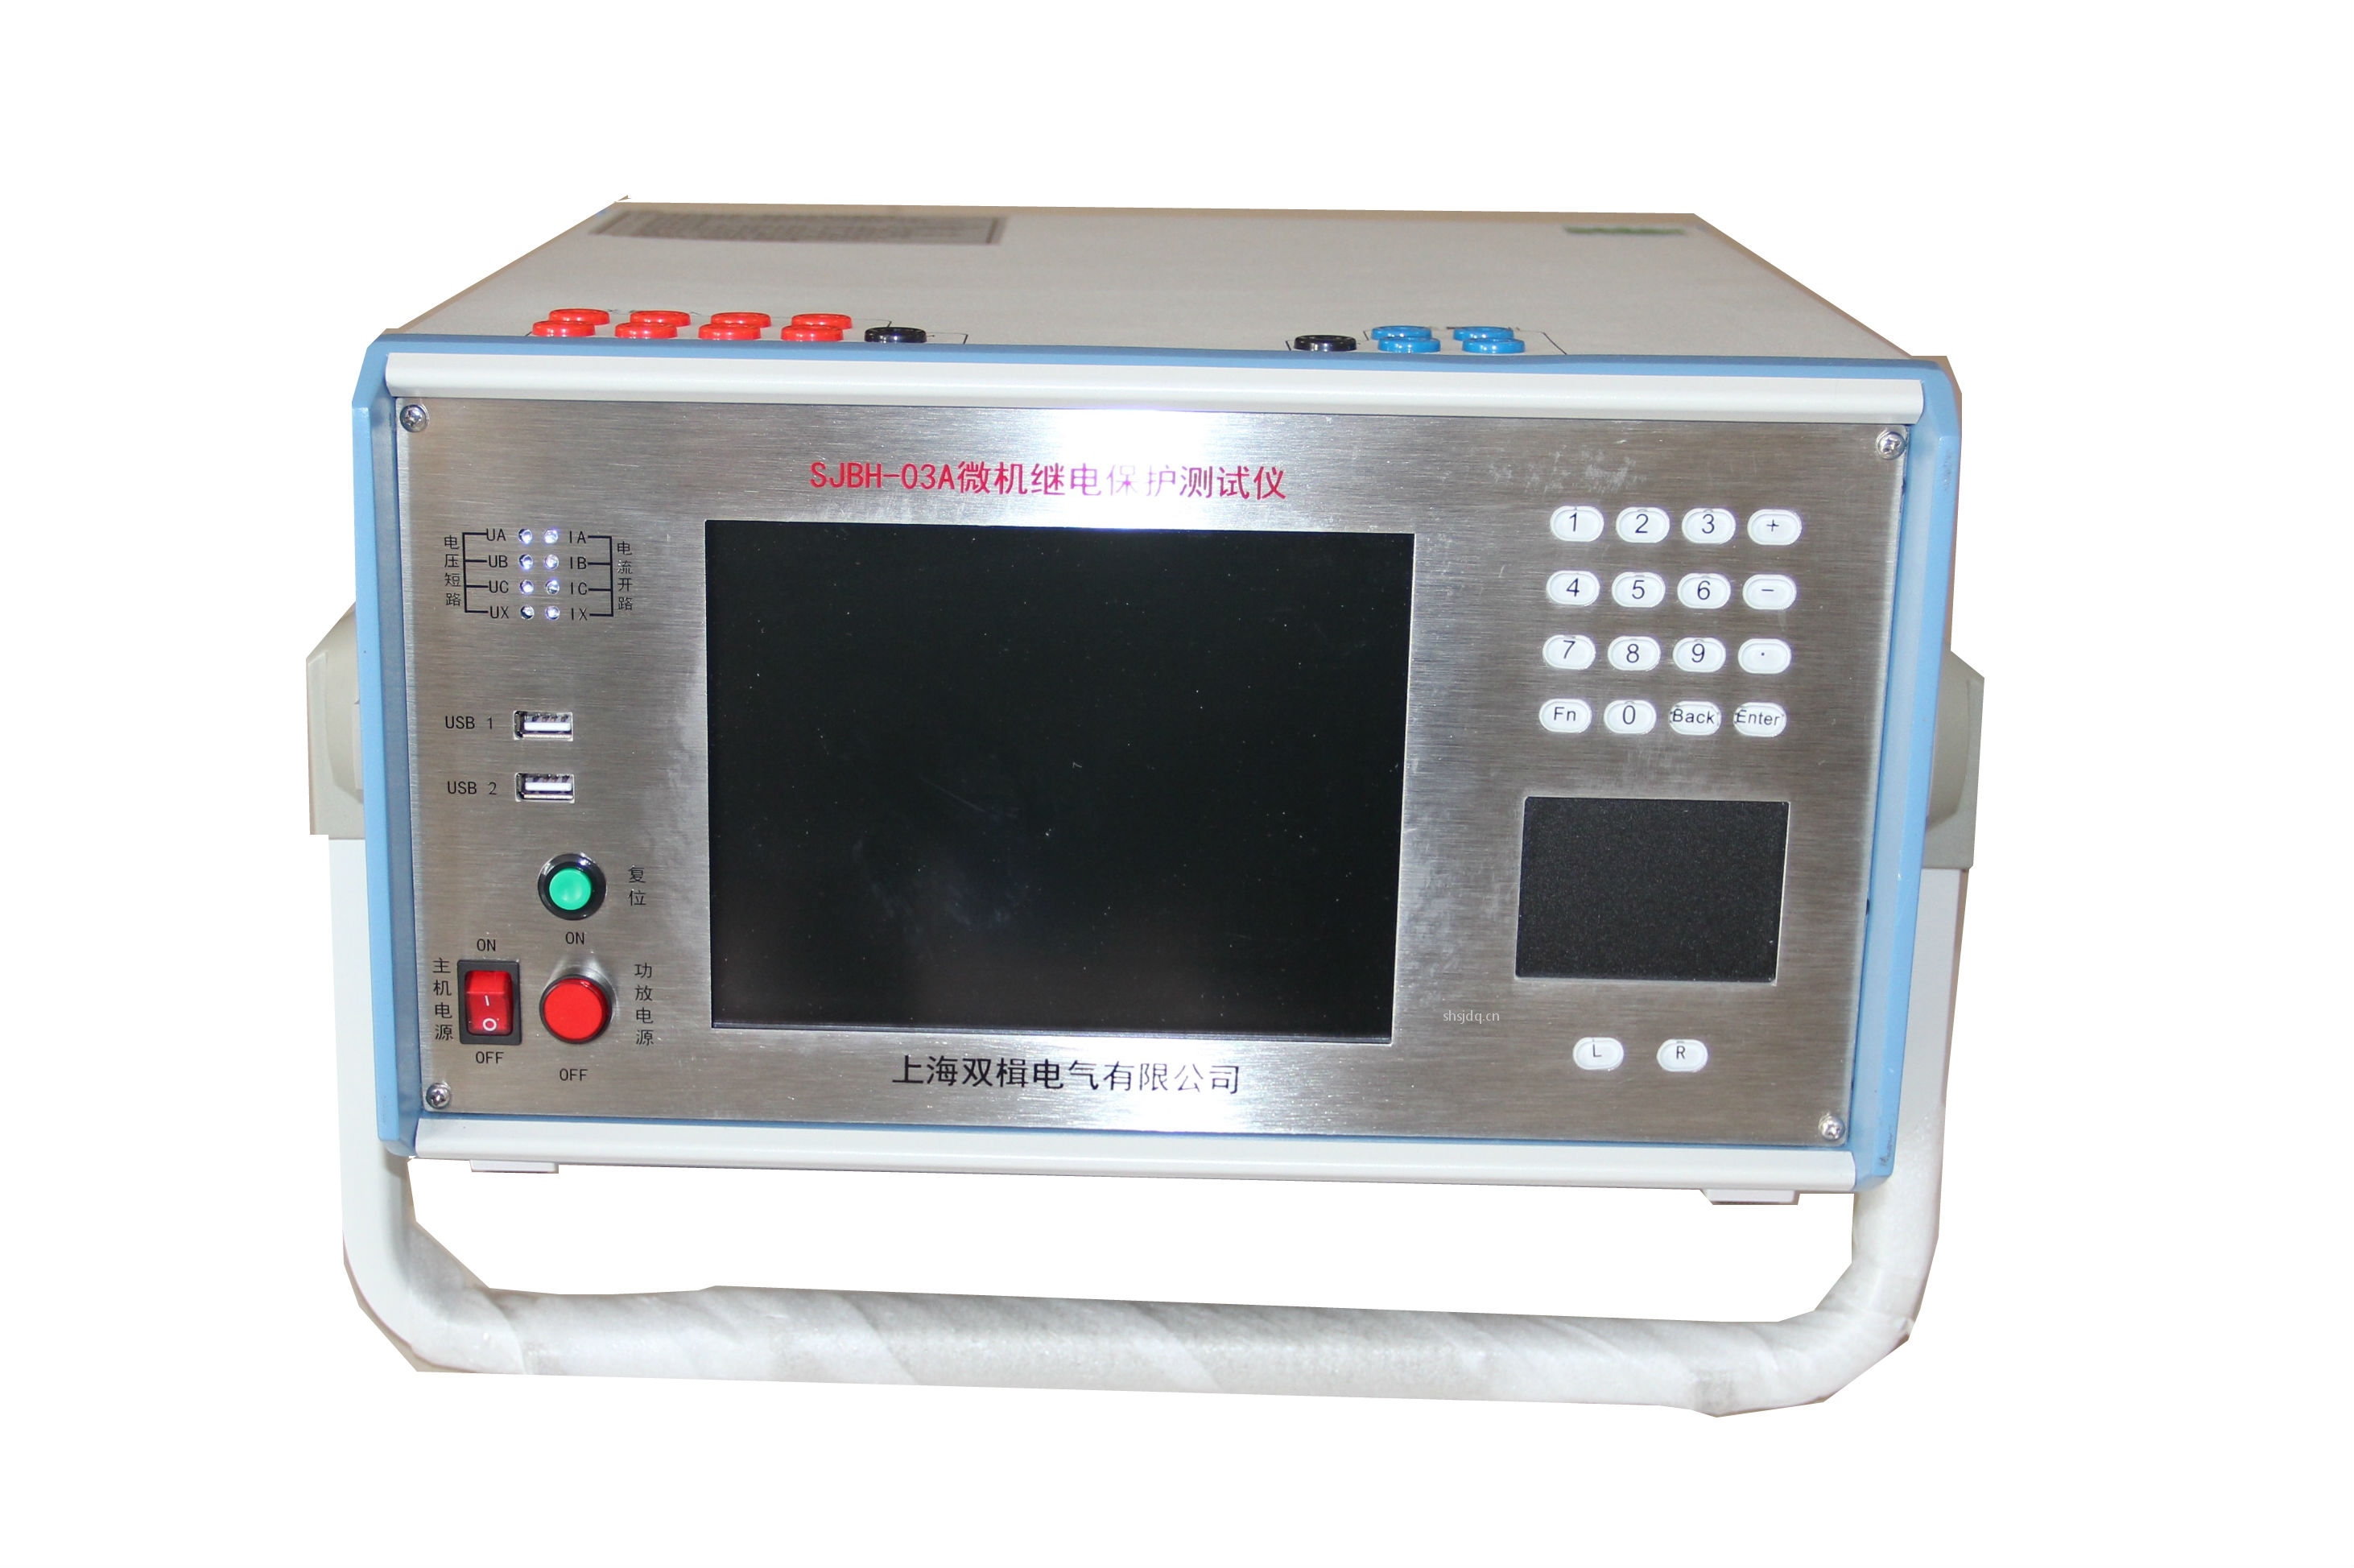 SJBH-03A微机继电保护测试仪